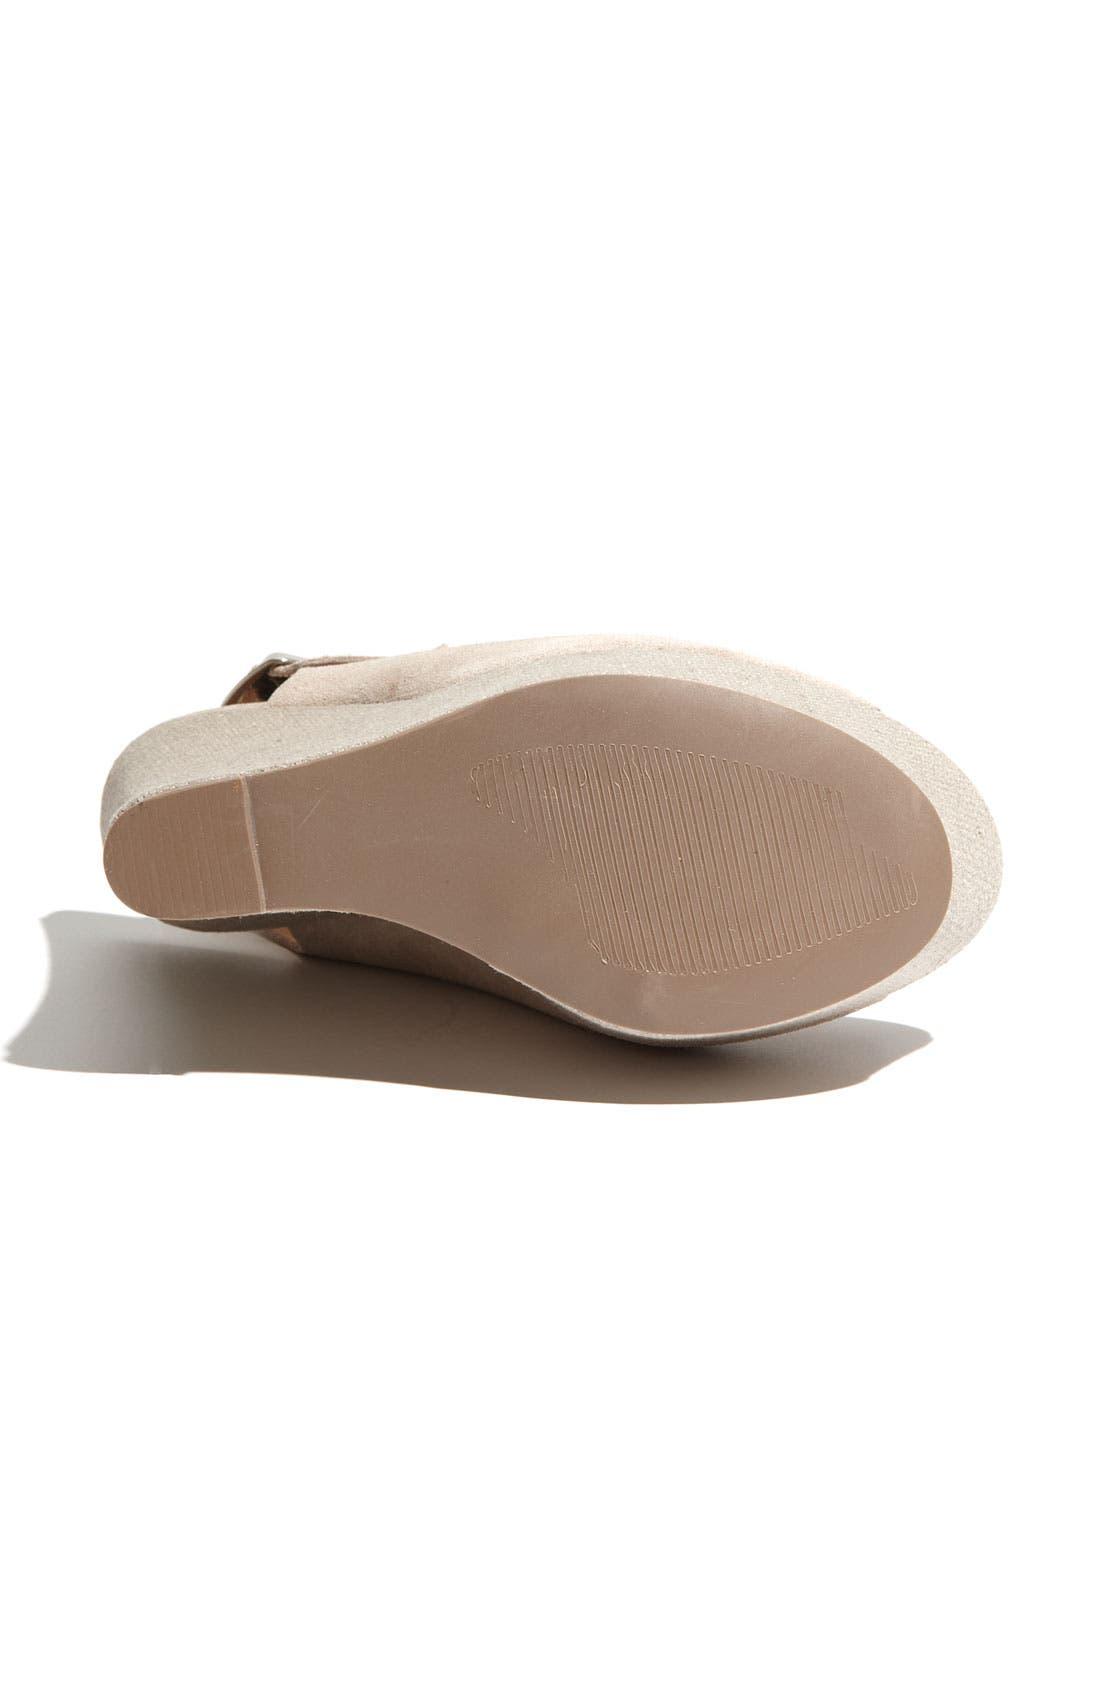 Alternate Image 4  - Steve Madden 'Wardenn' Sandal